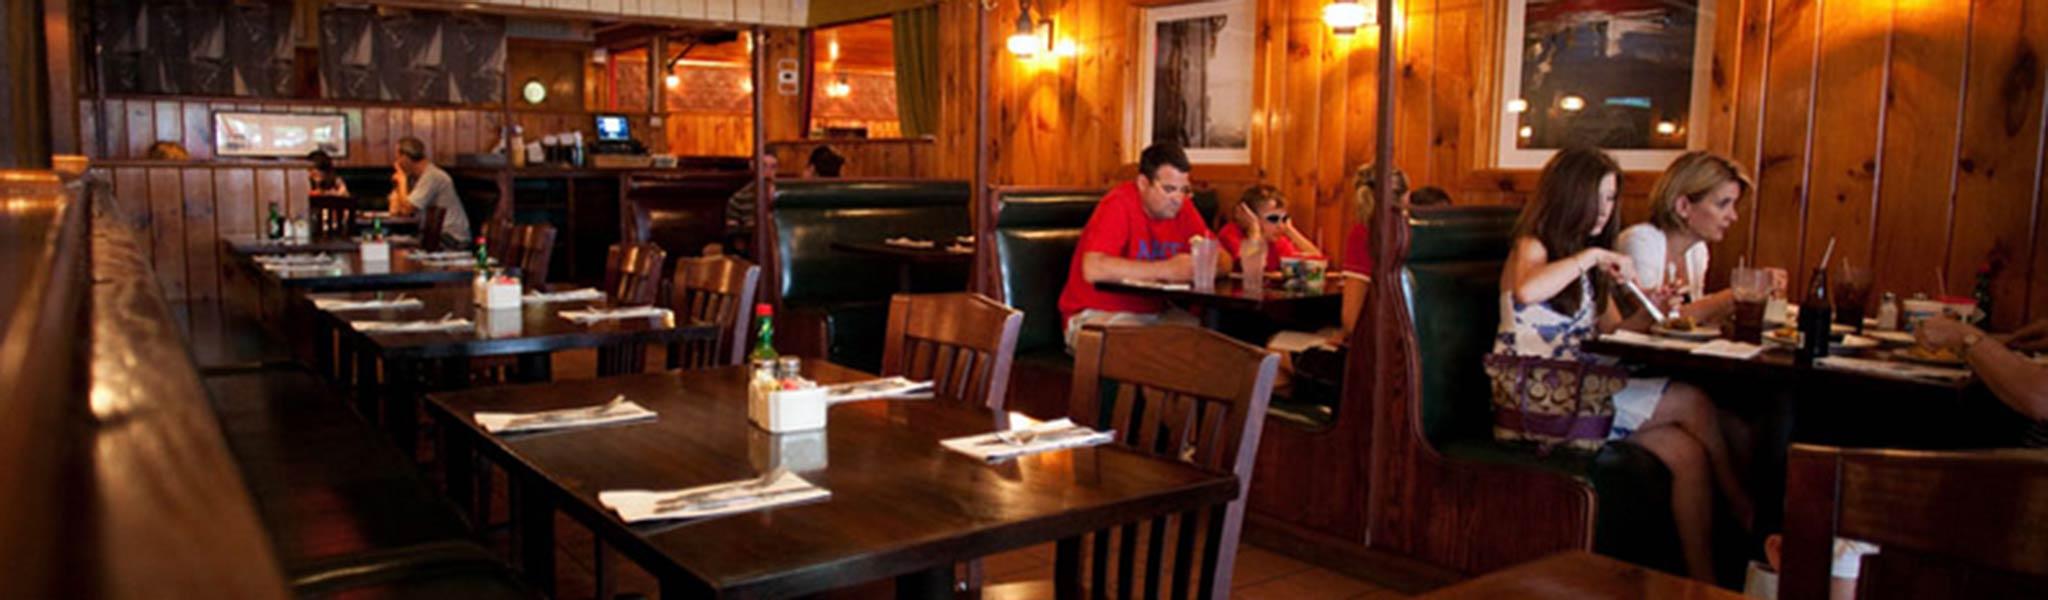 wharf pub restaurant edgartown